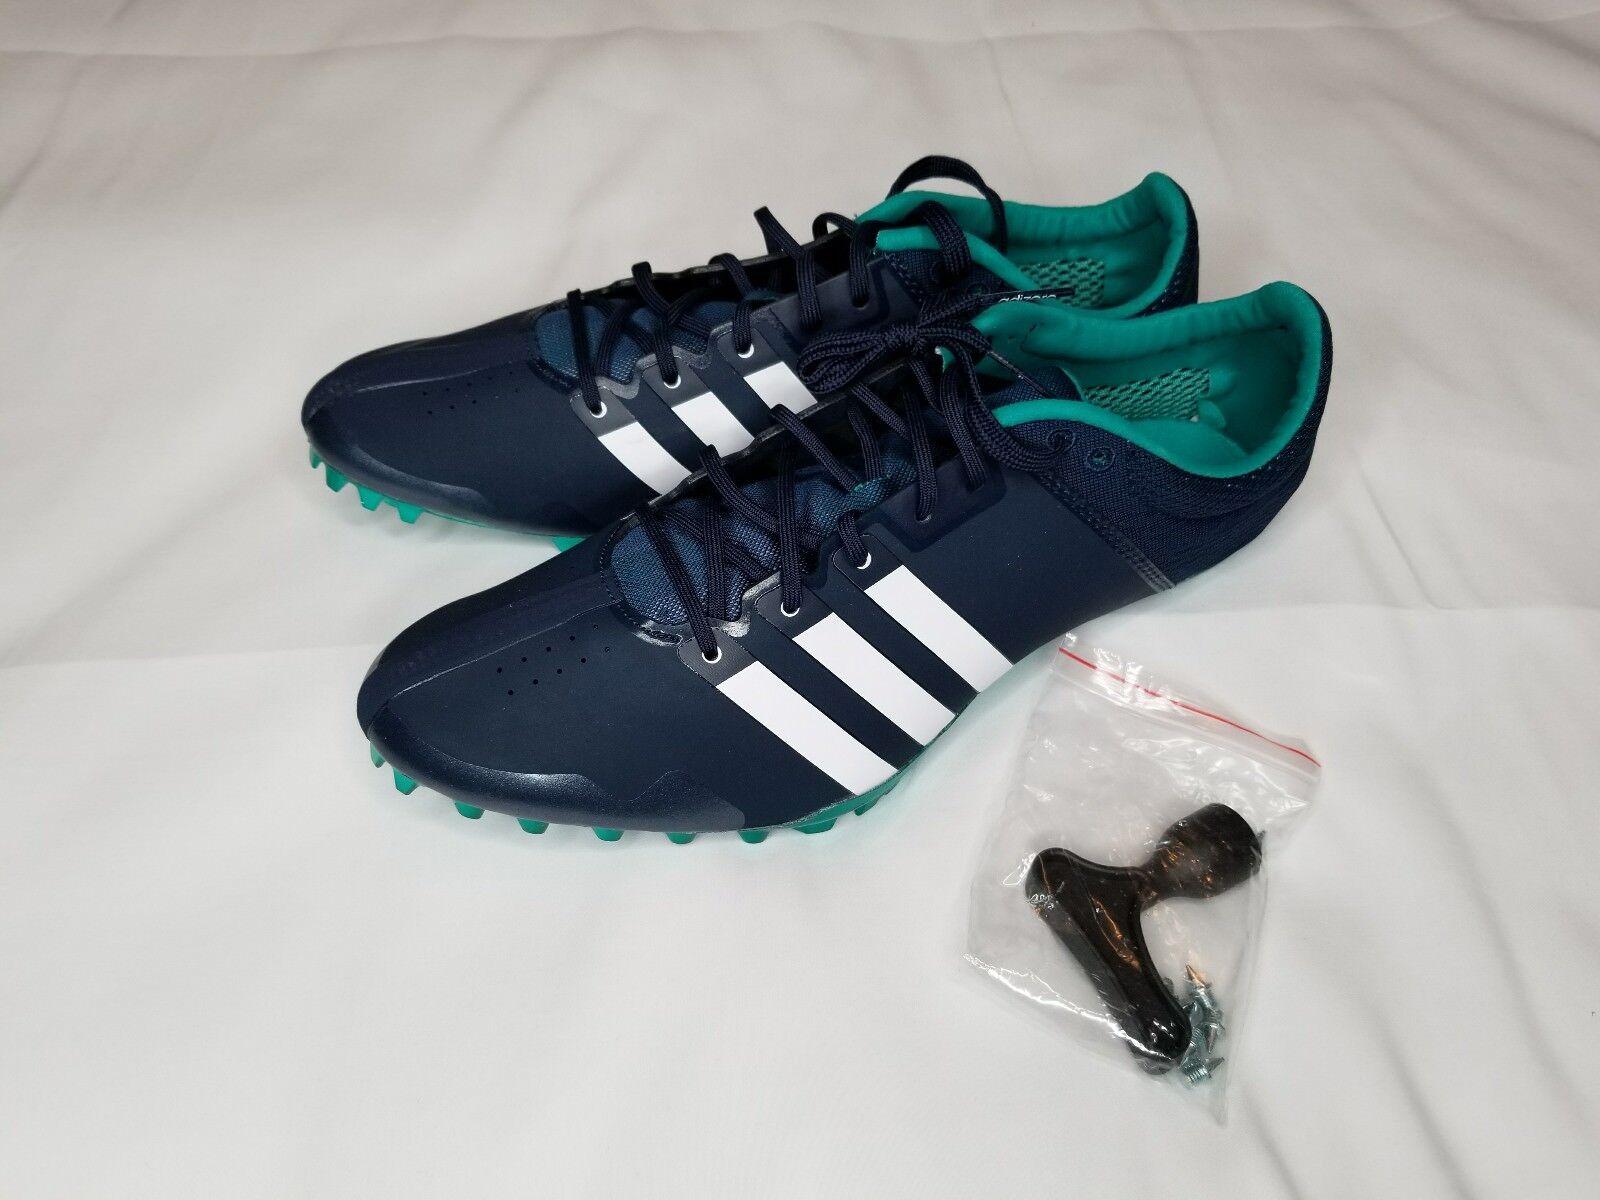 Gli uomini  adidas adizero primo finezza pista campo scarpe af5647 da corsa af5647 scarpe dimensioni 11,5 be8acd